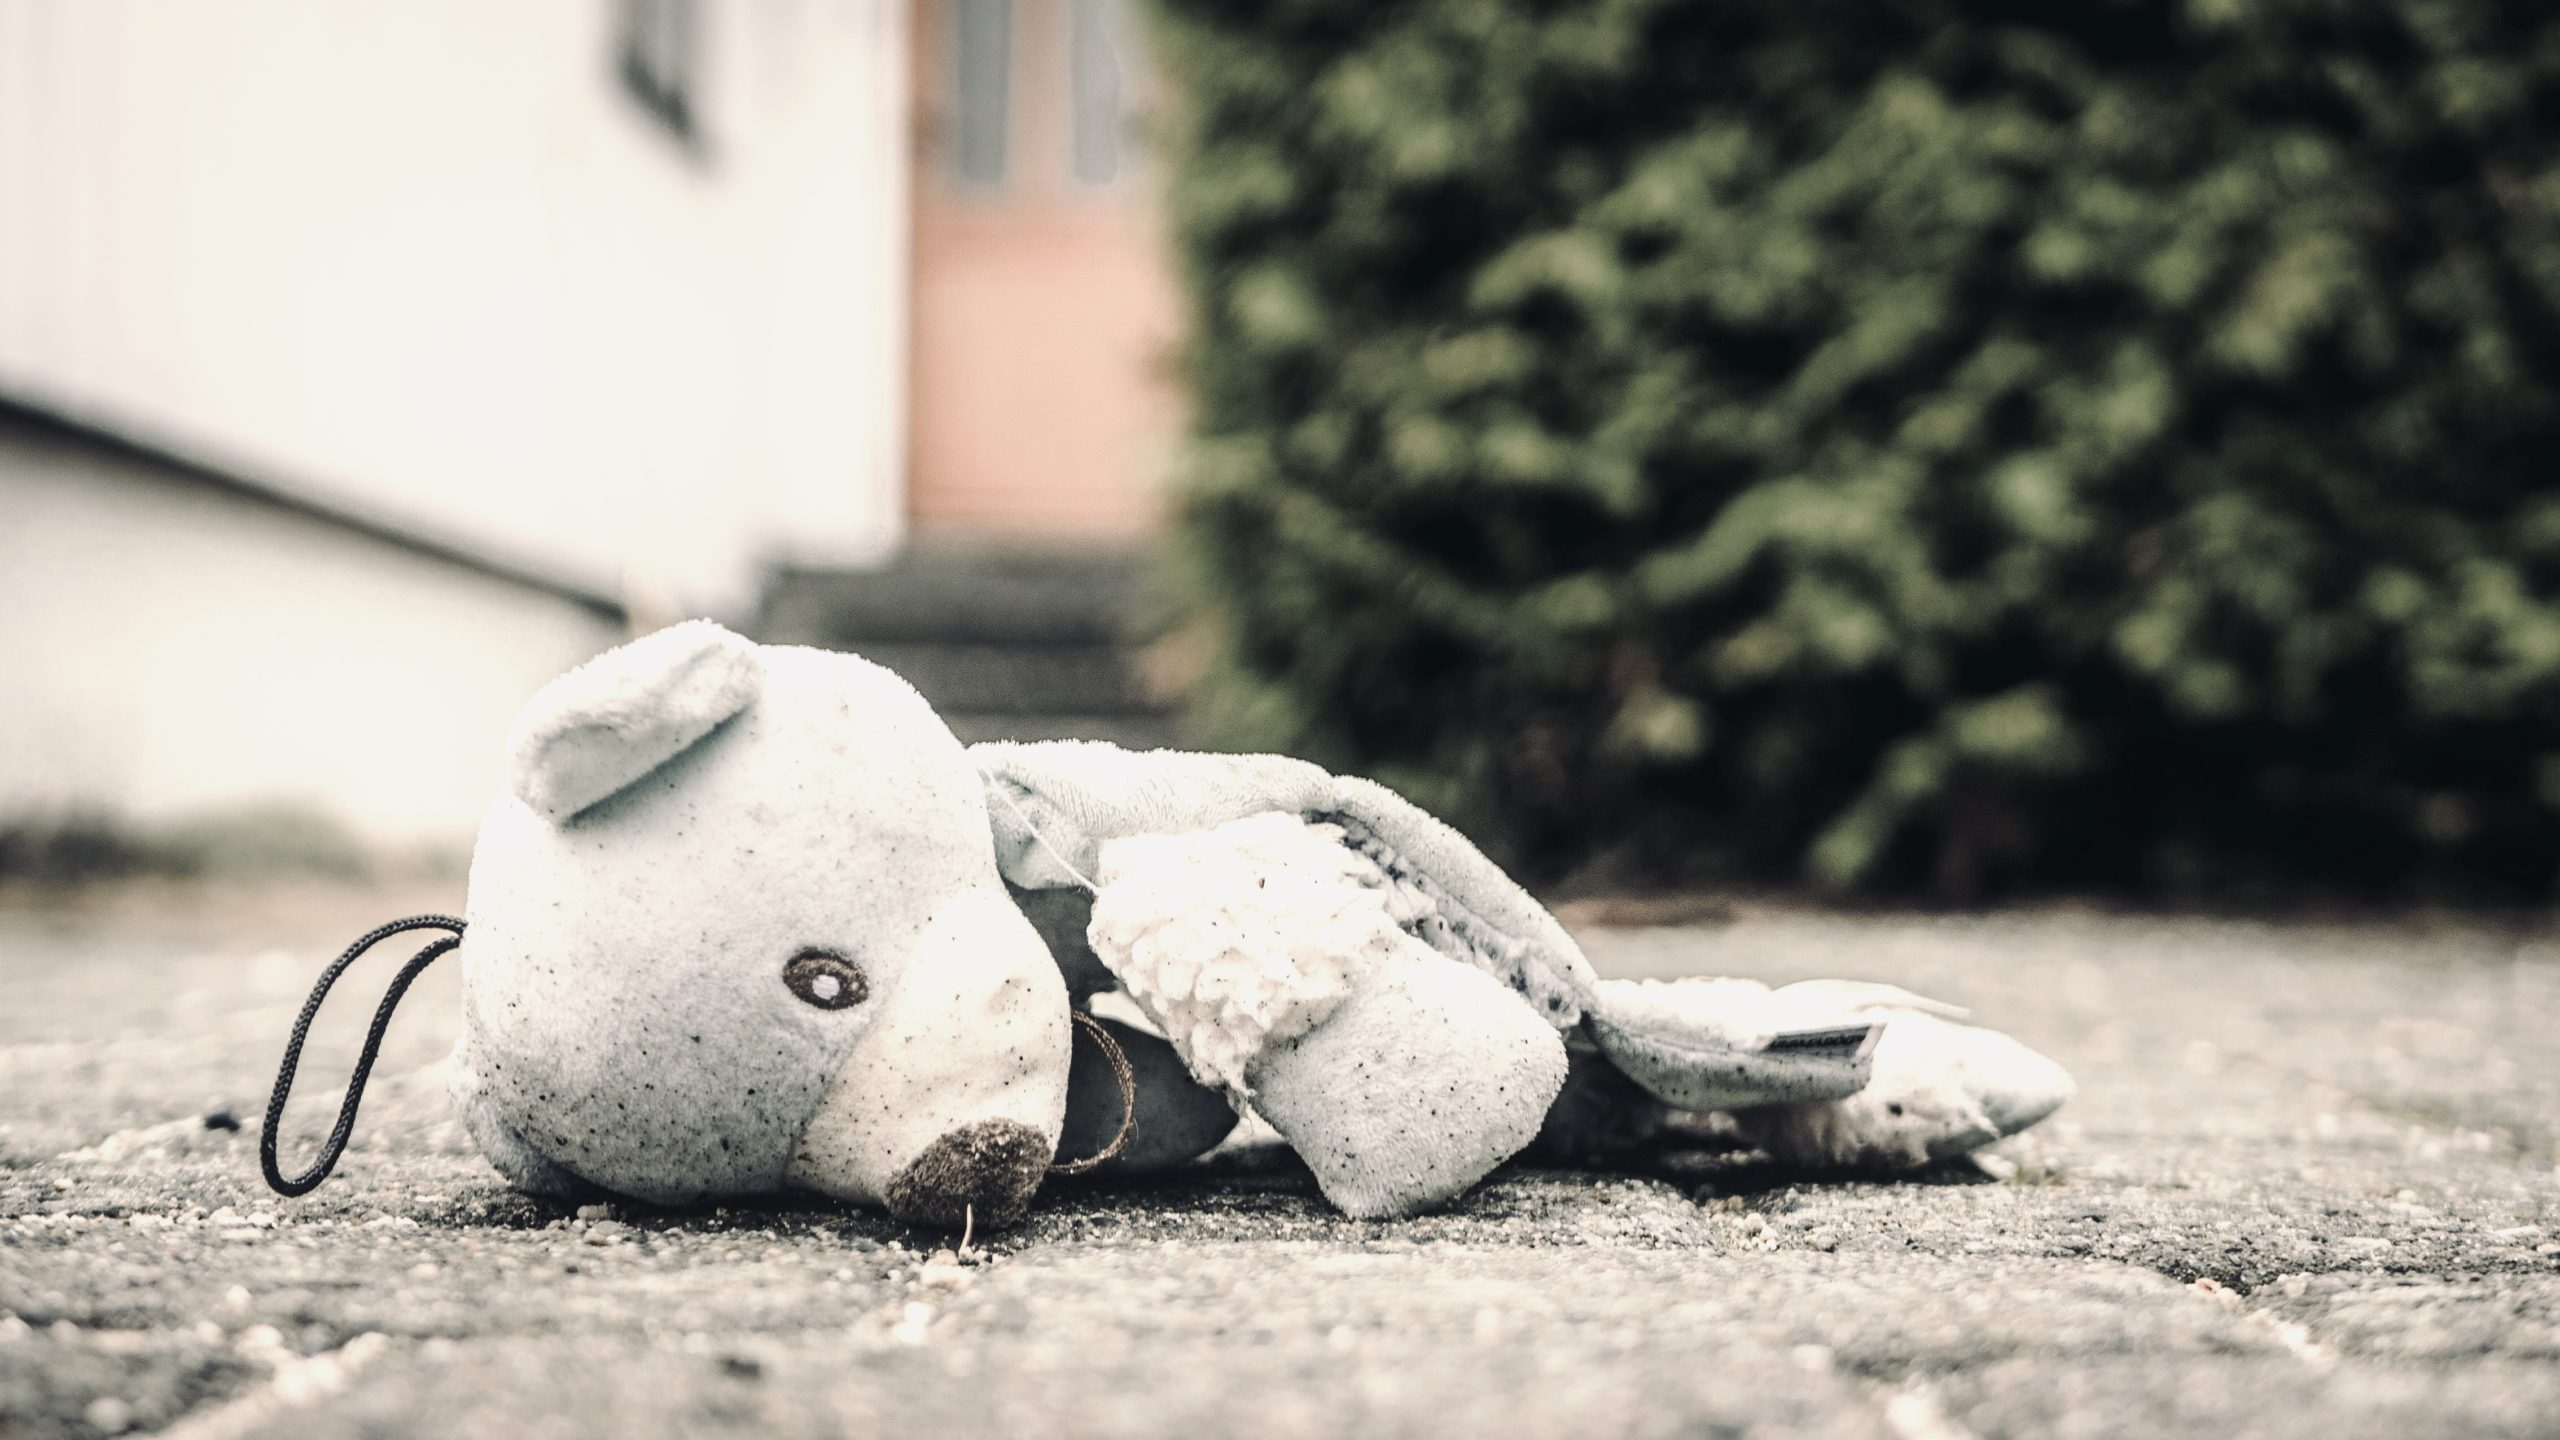 Broken teddy bear